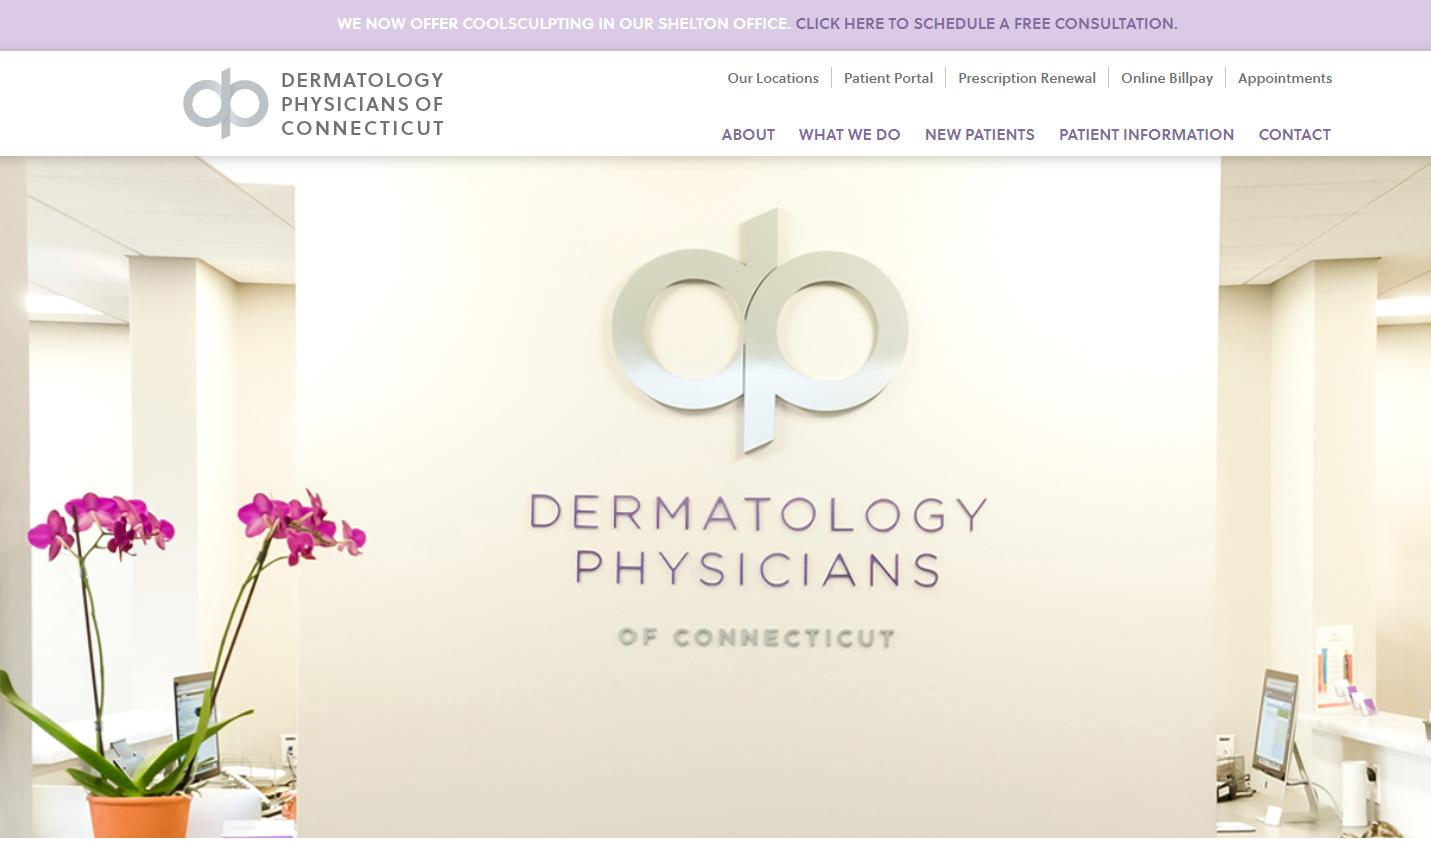 Healthcare Website Redesign